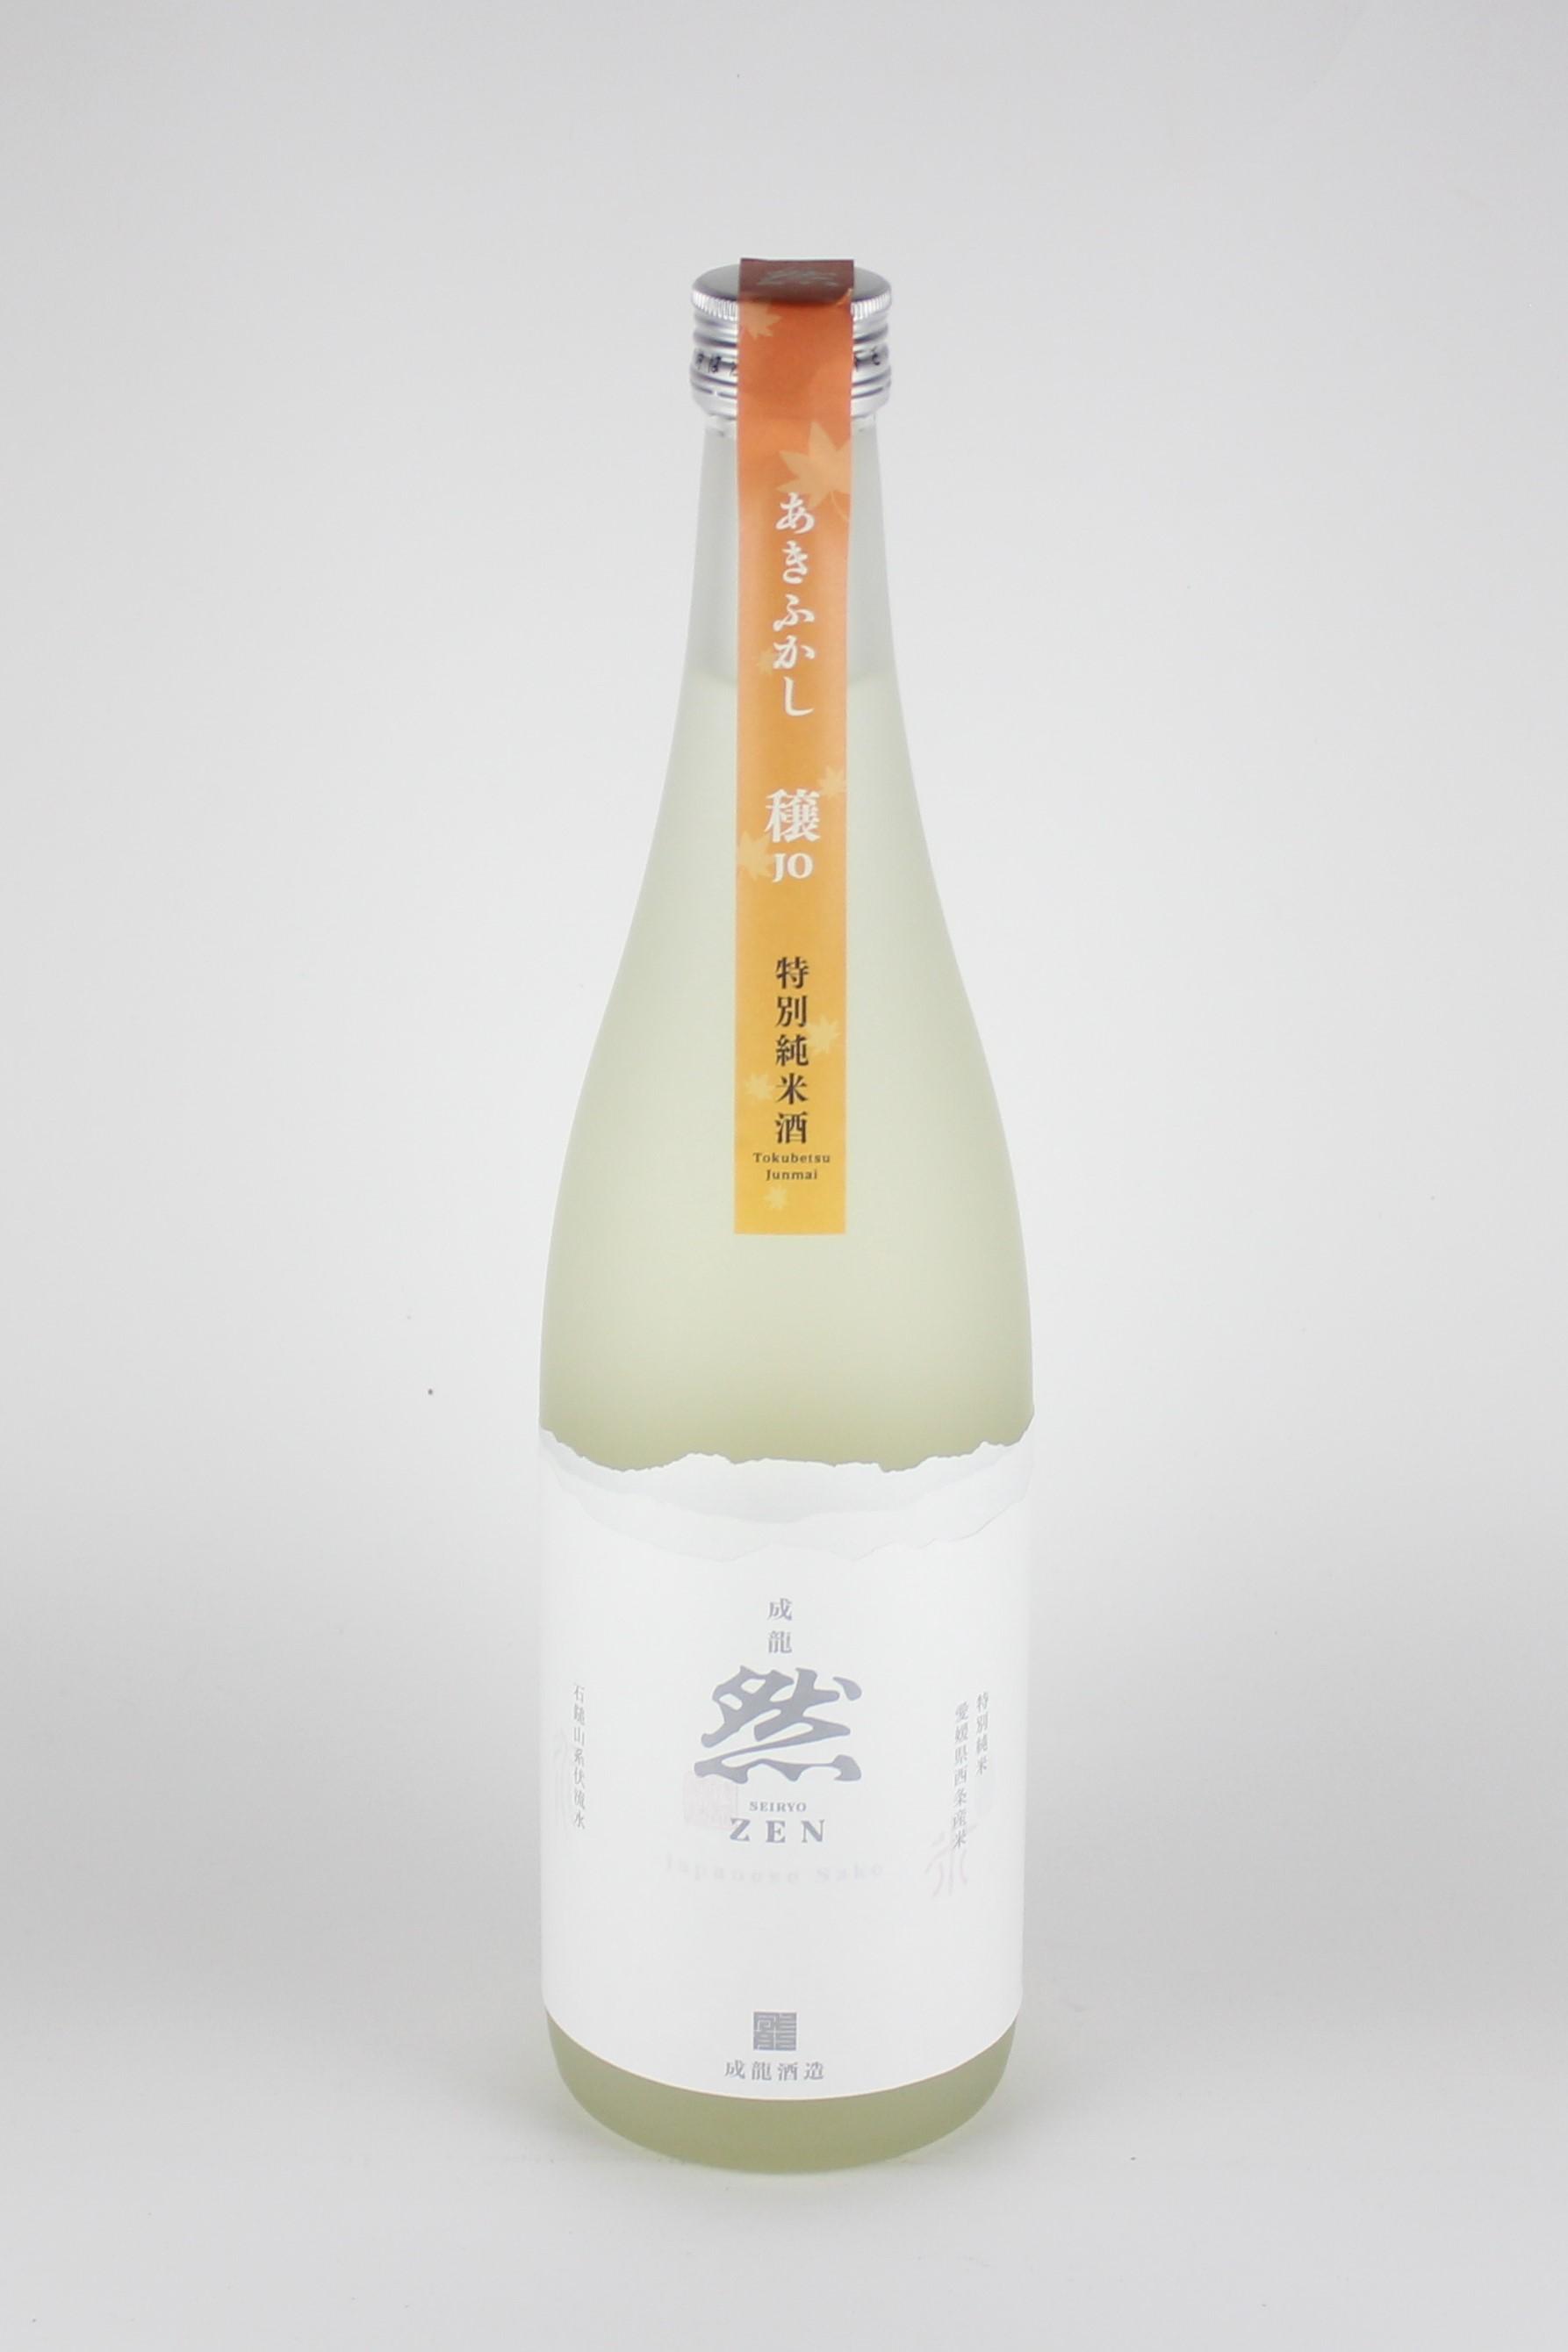 成龍然 あきふかし 穣JO 特別純米 瓶火入れ 720ml 【愛媛/成龍酒造】